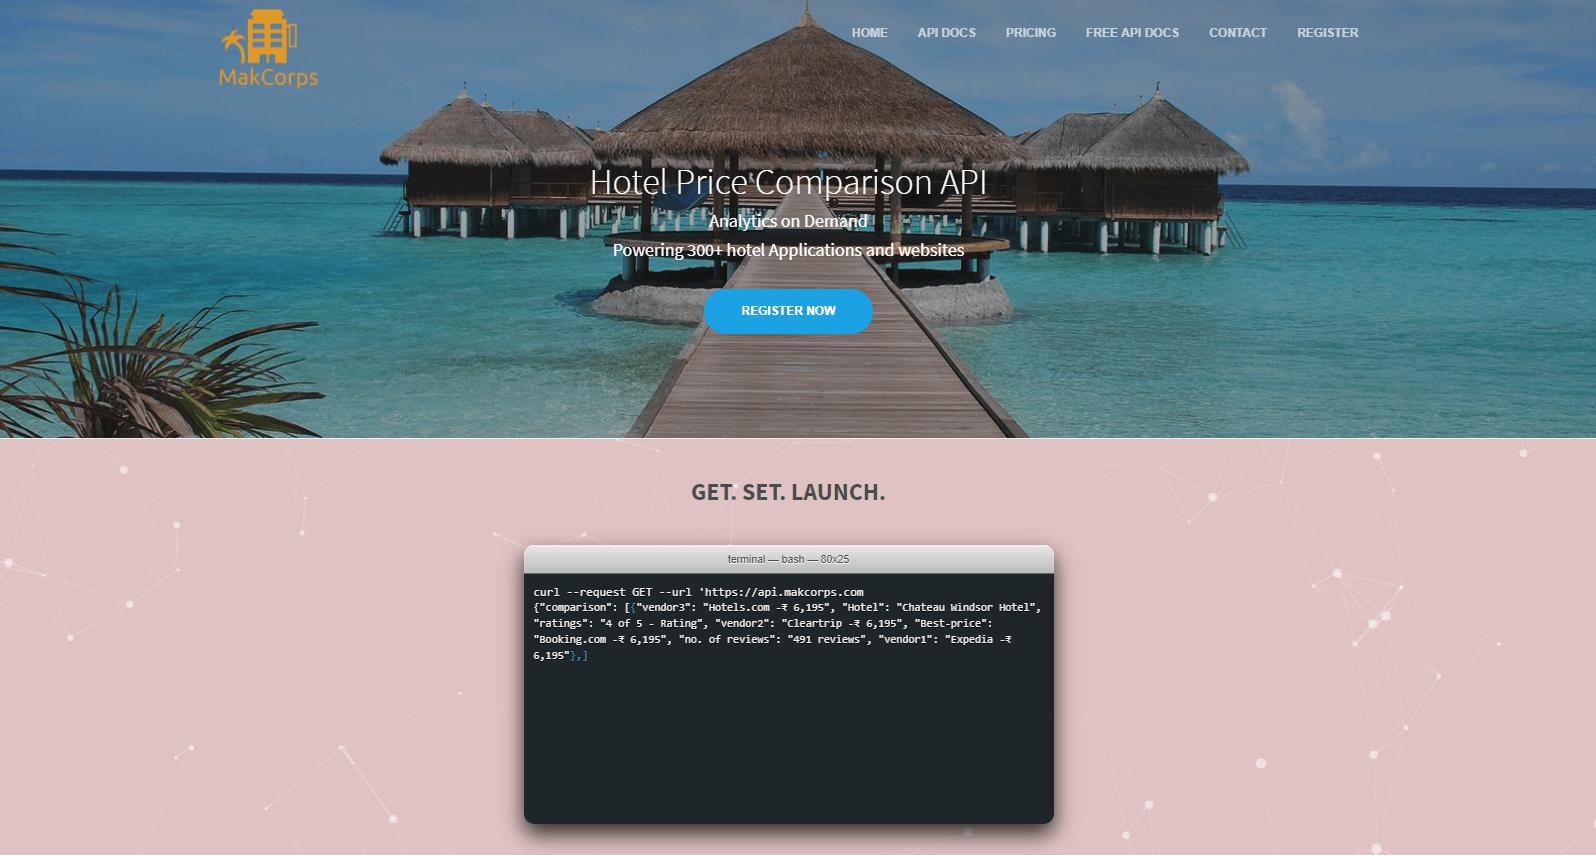 MakCorps API